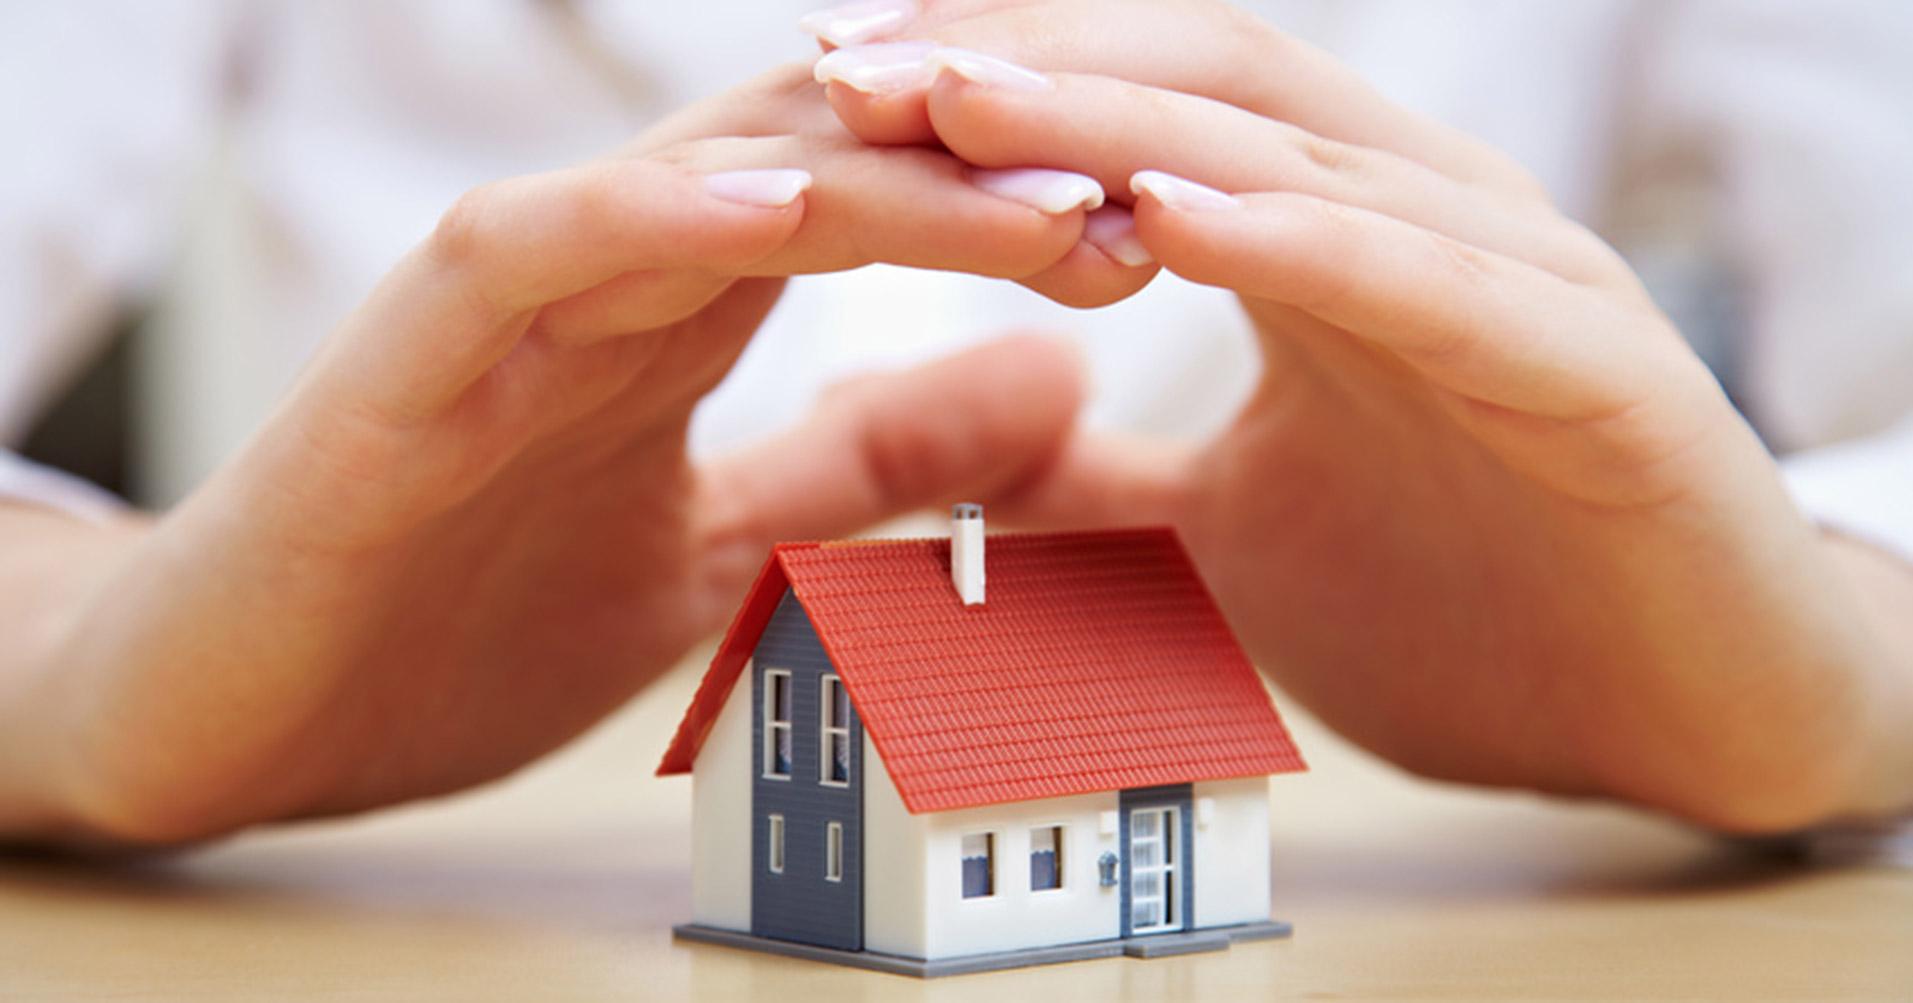 Haussicherheit / Schließanlagen